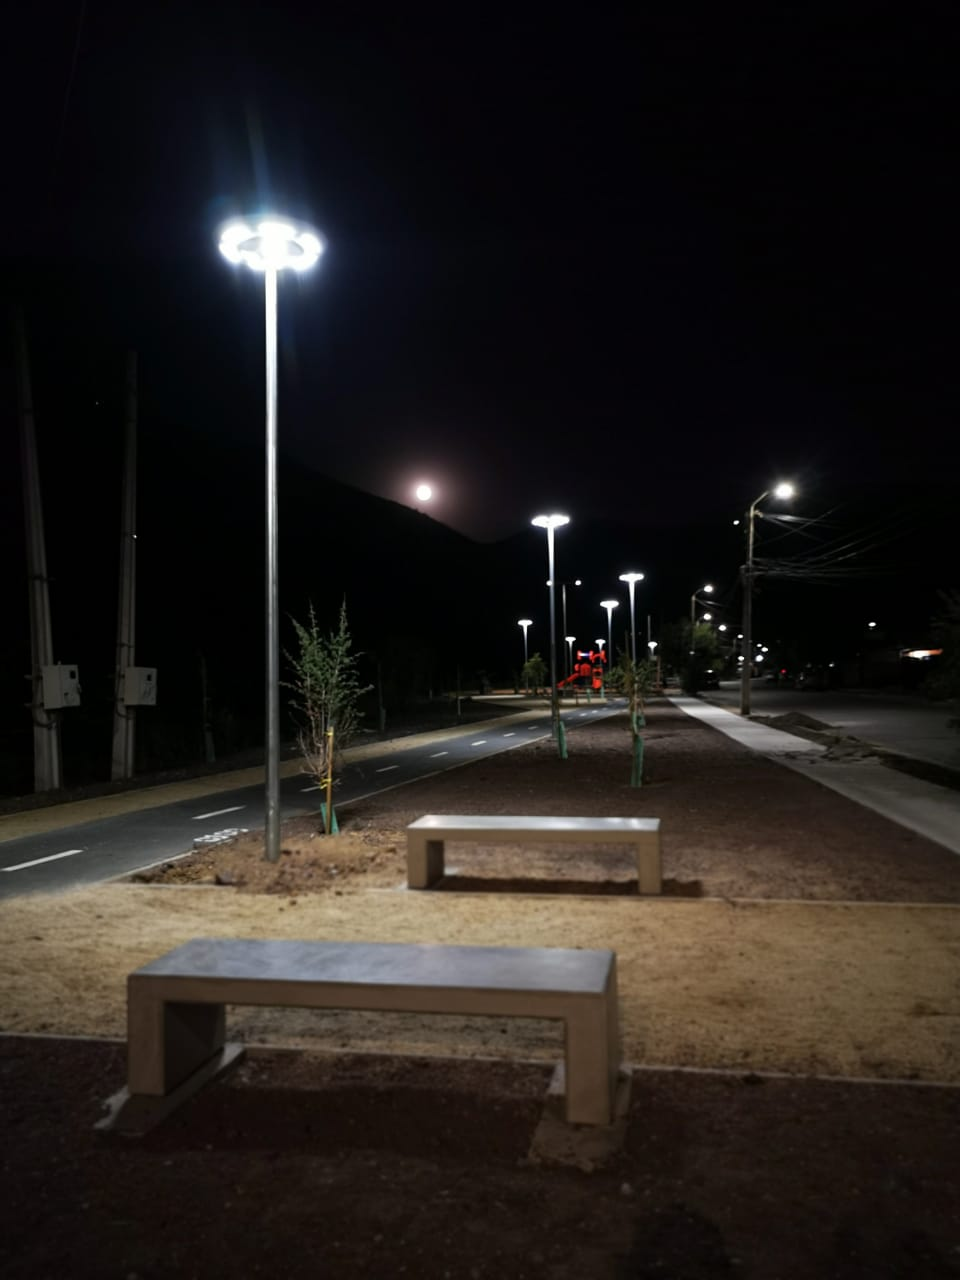 Luminarias solares integradas, Parque y ciclovías en Llay-llay